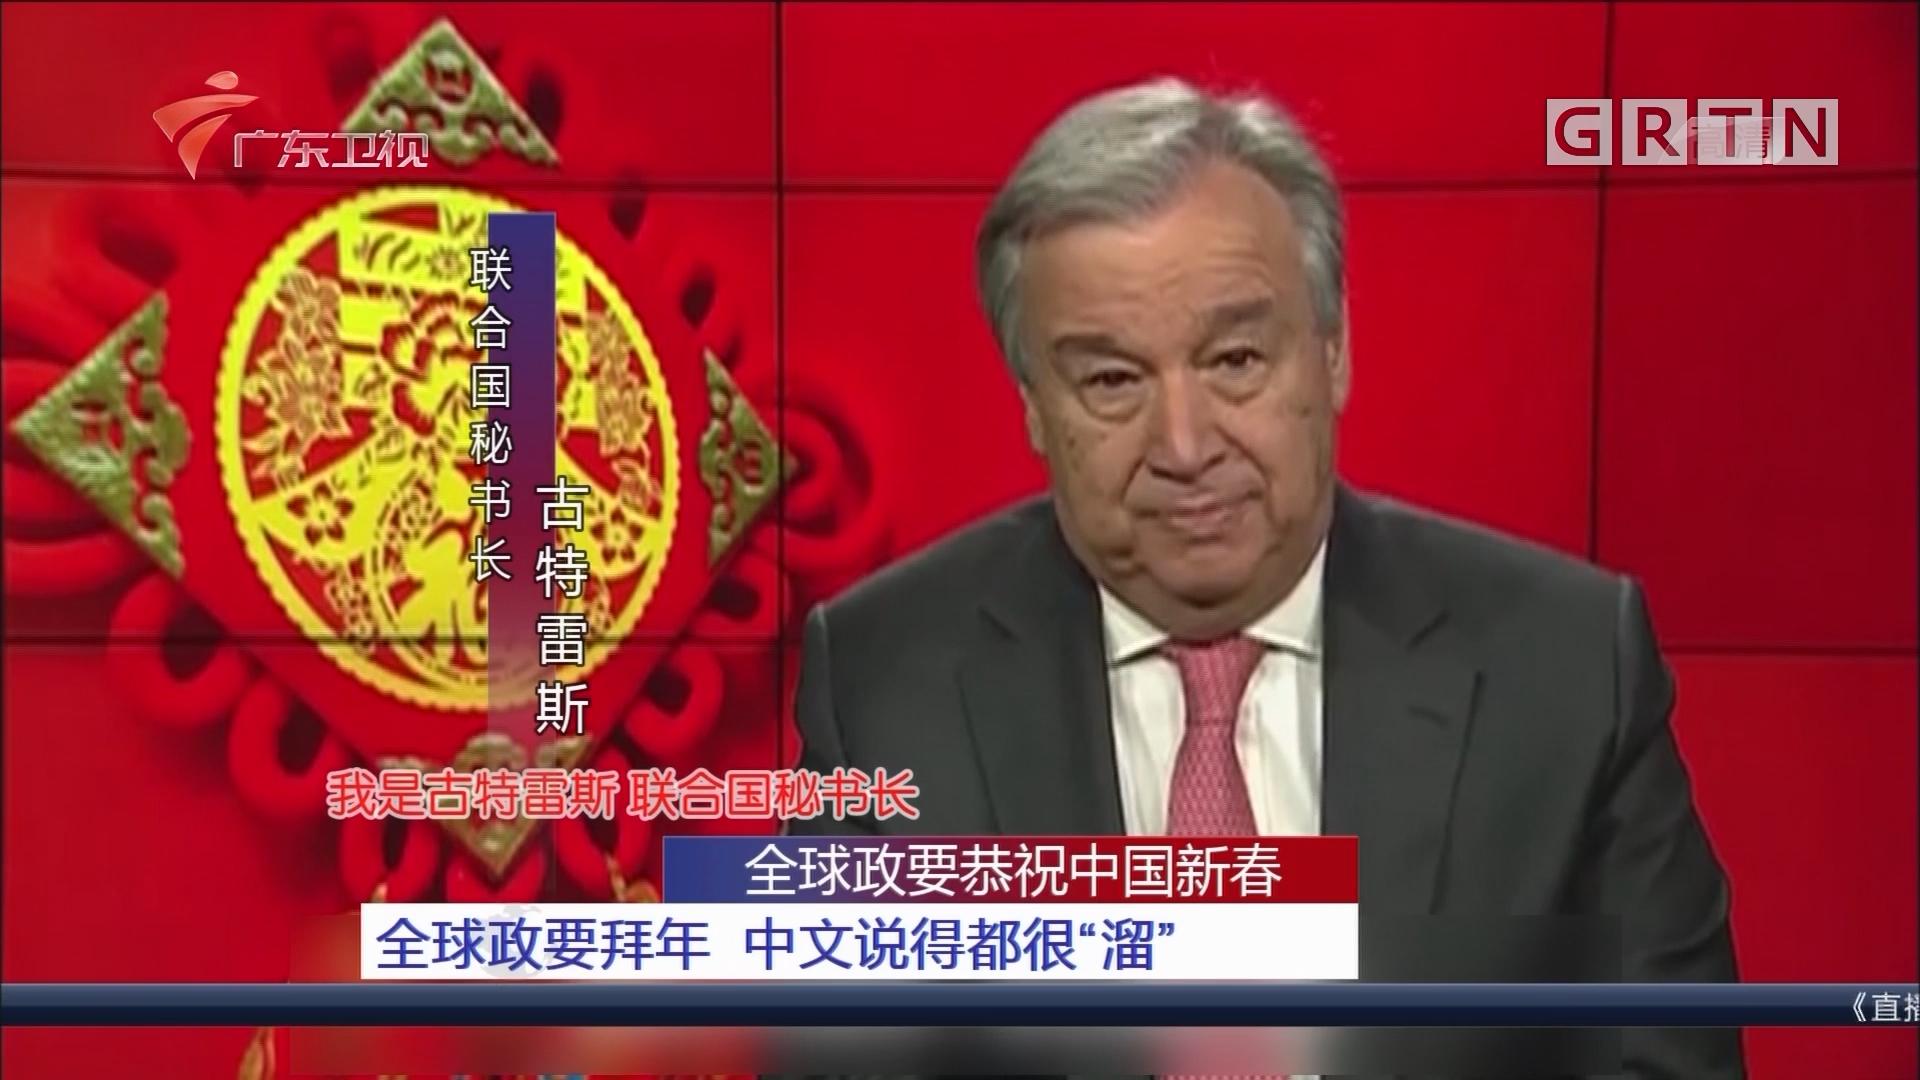 """全球政要恭祝中国新春:全球政要拜年 中文说得都很""""溜"""""""